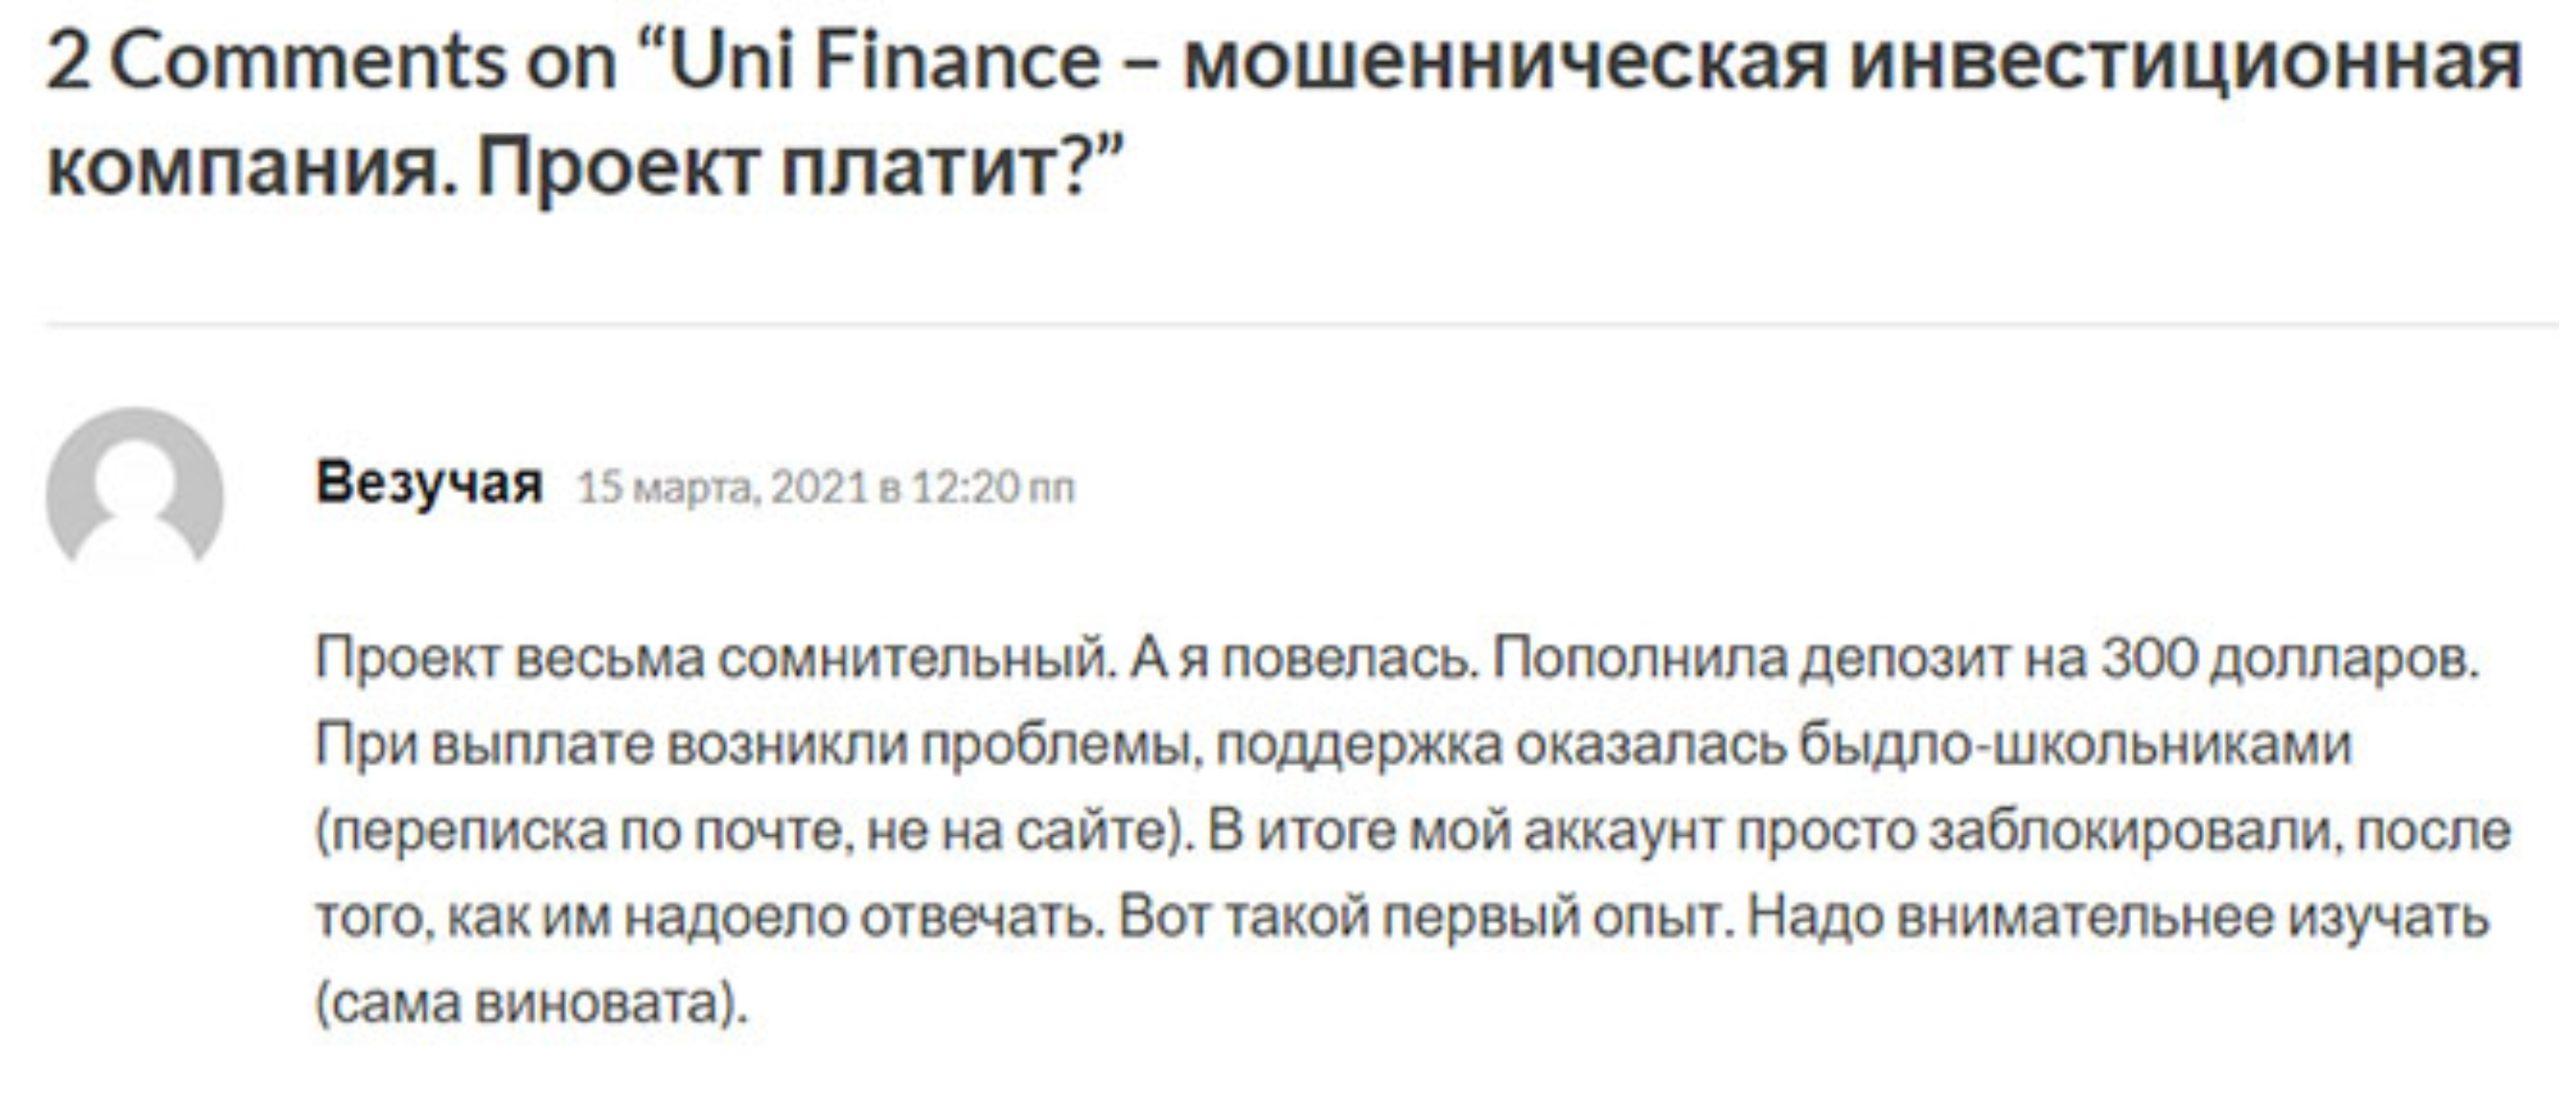 Компания Uni Finance. Снова развод или лохотрон? Читаем отзывы.